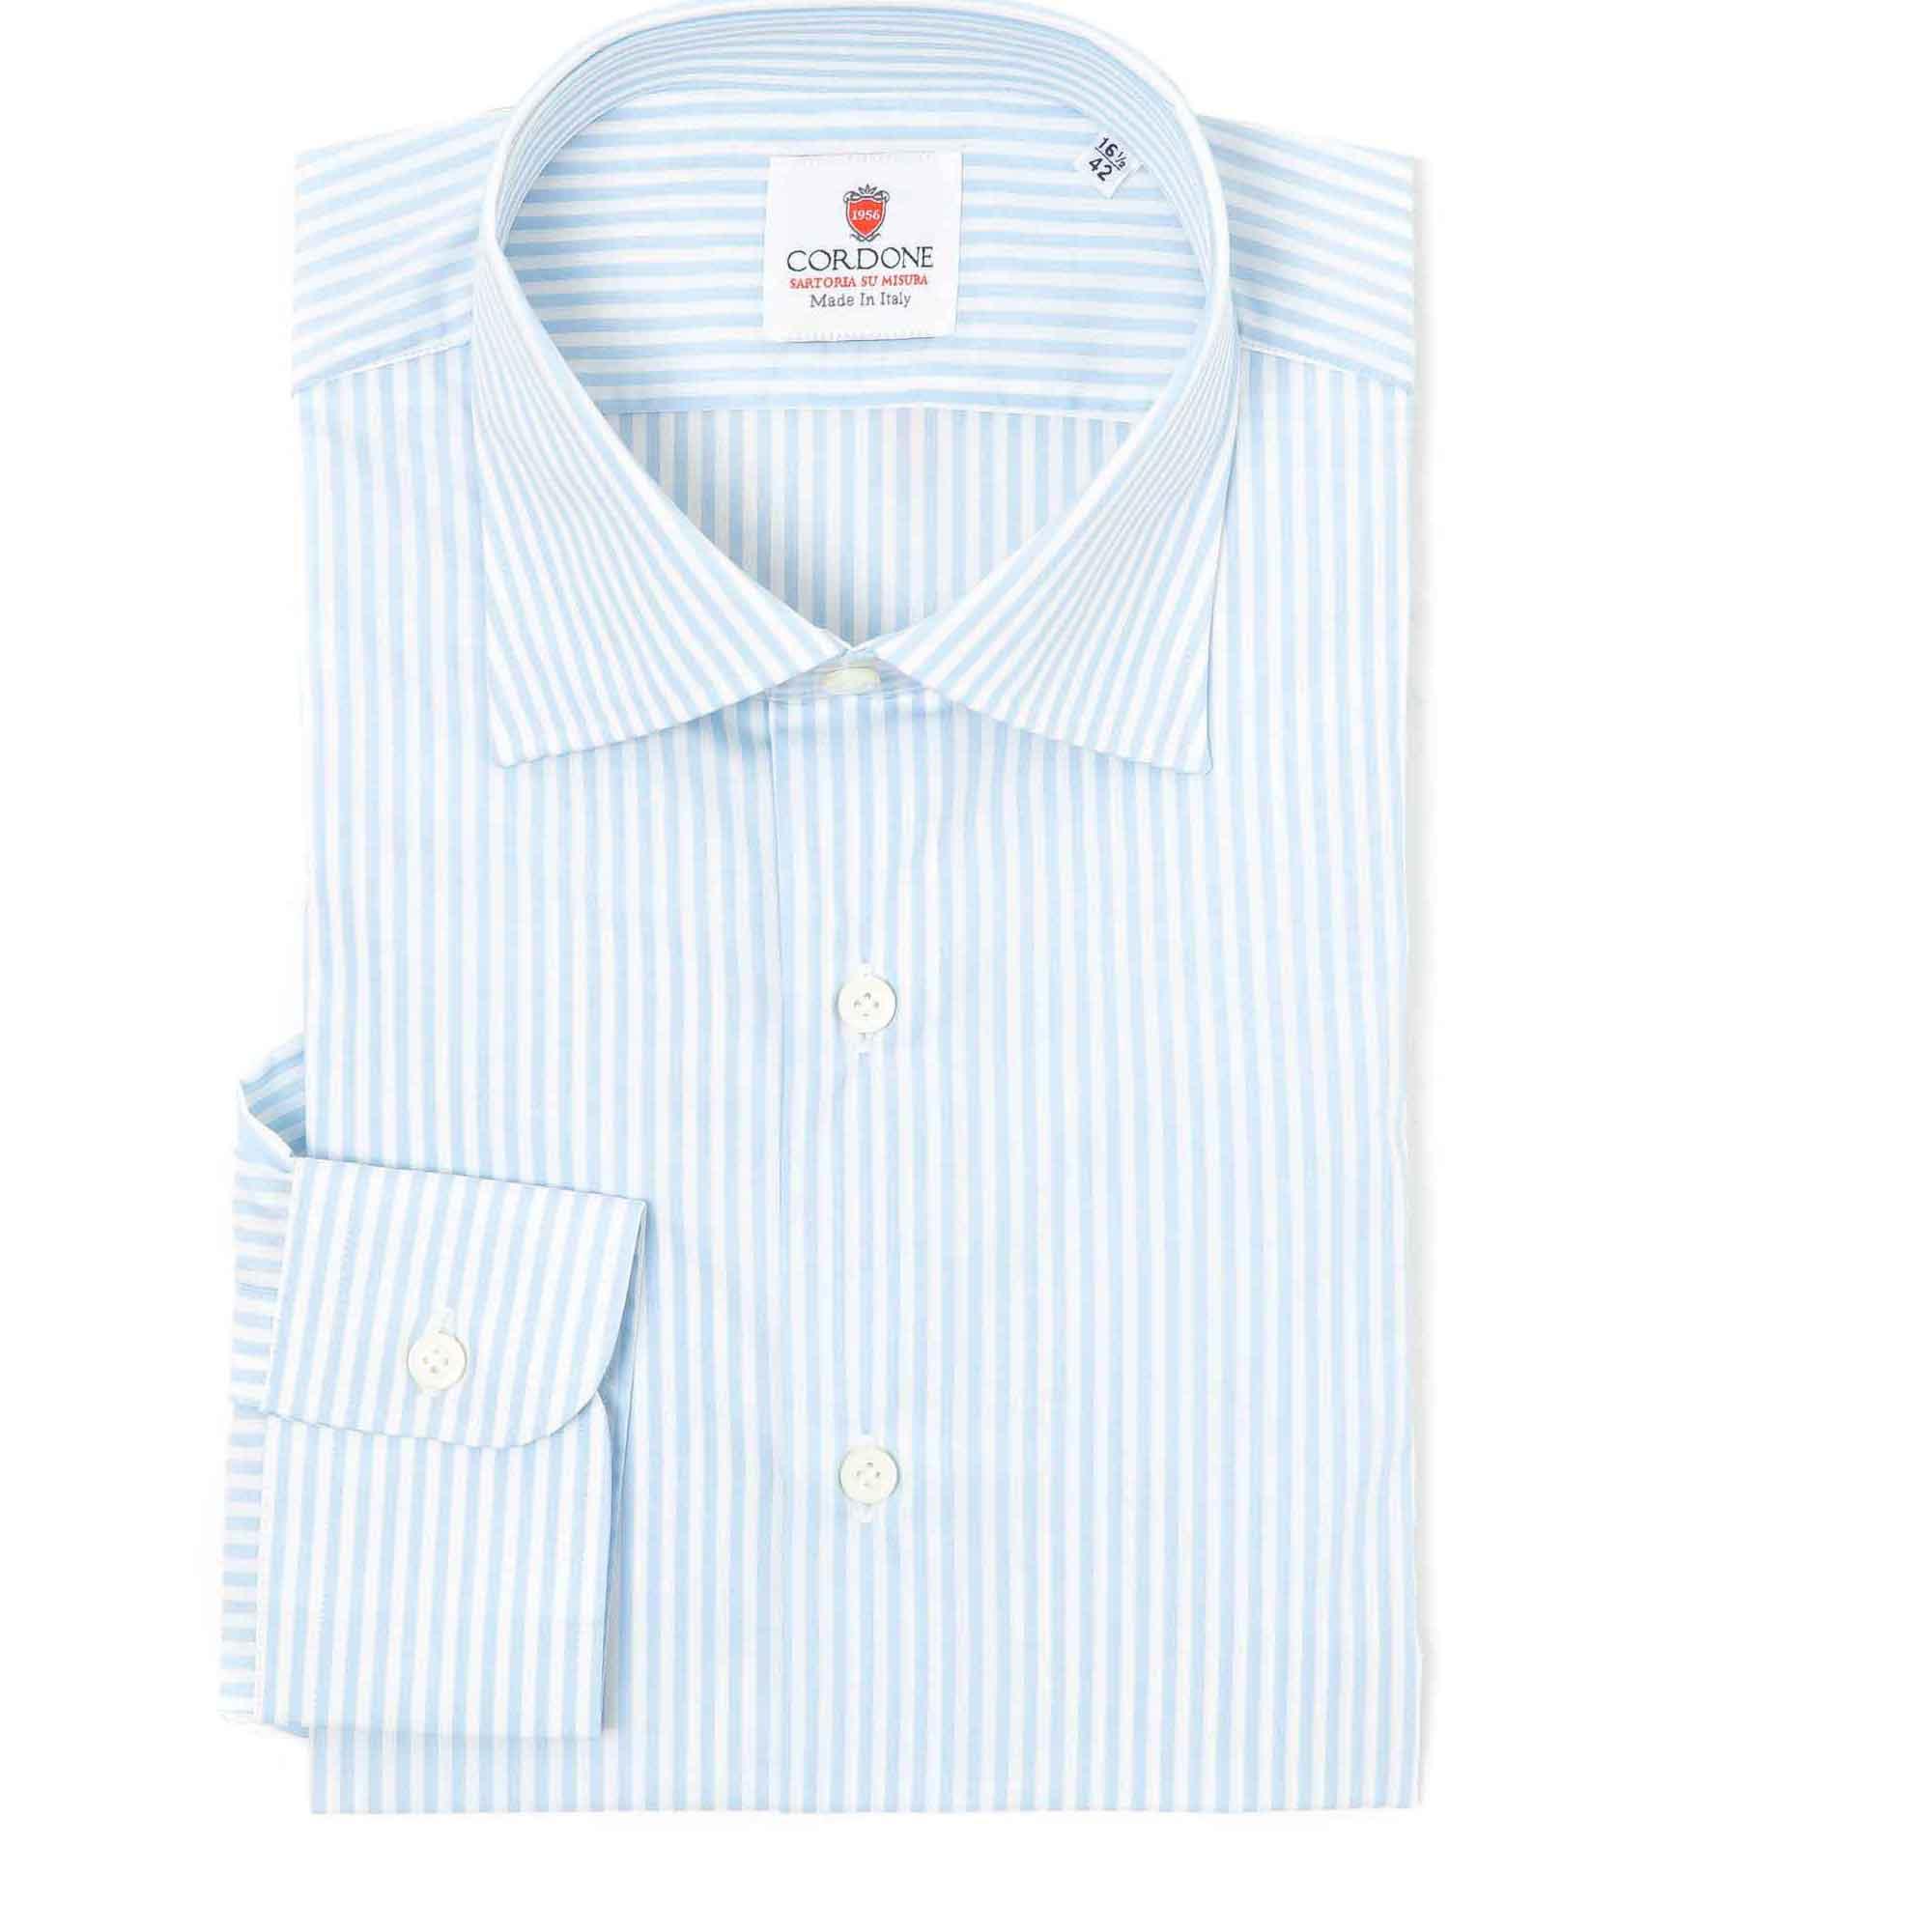 Camisa rayas medianas azul y blanco cuello francés